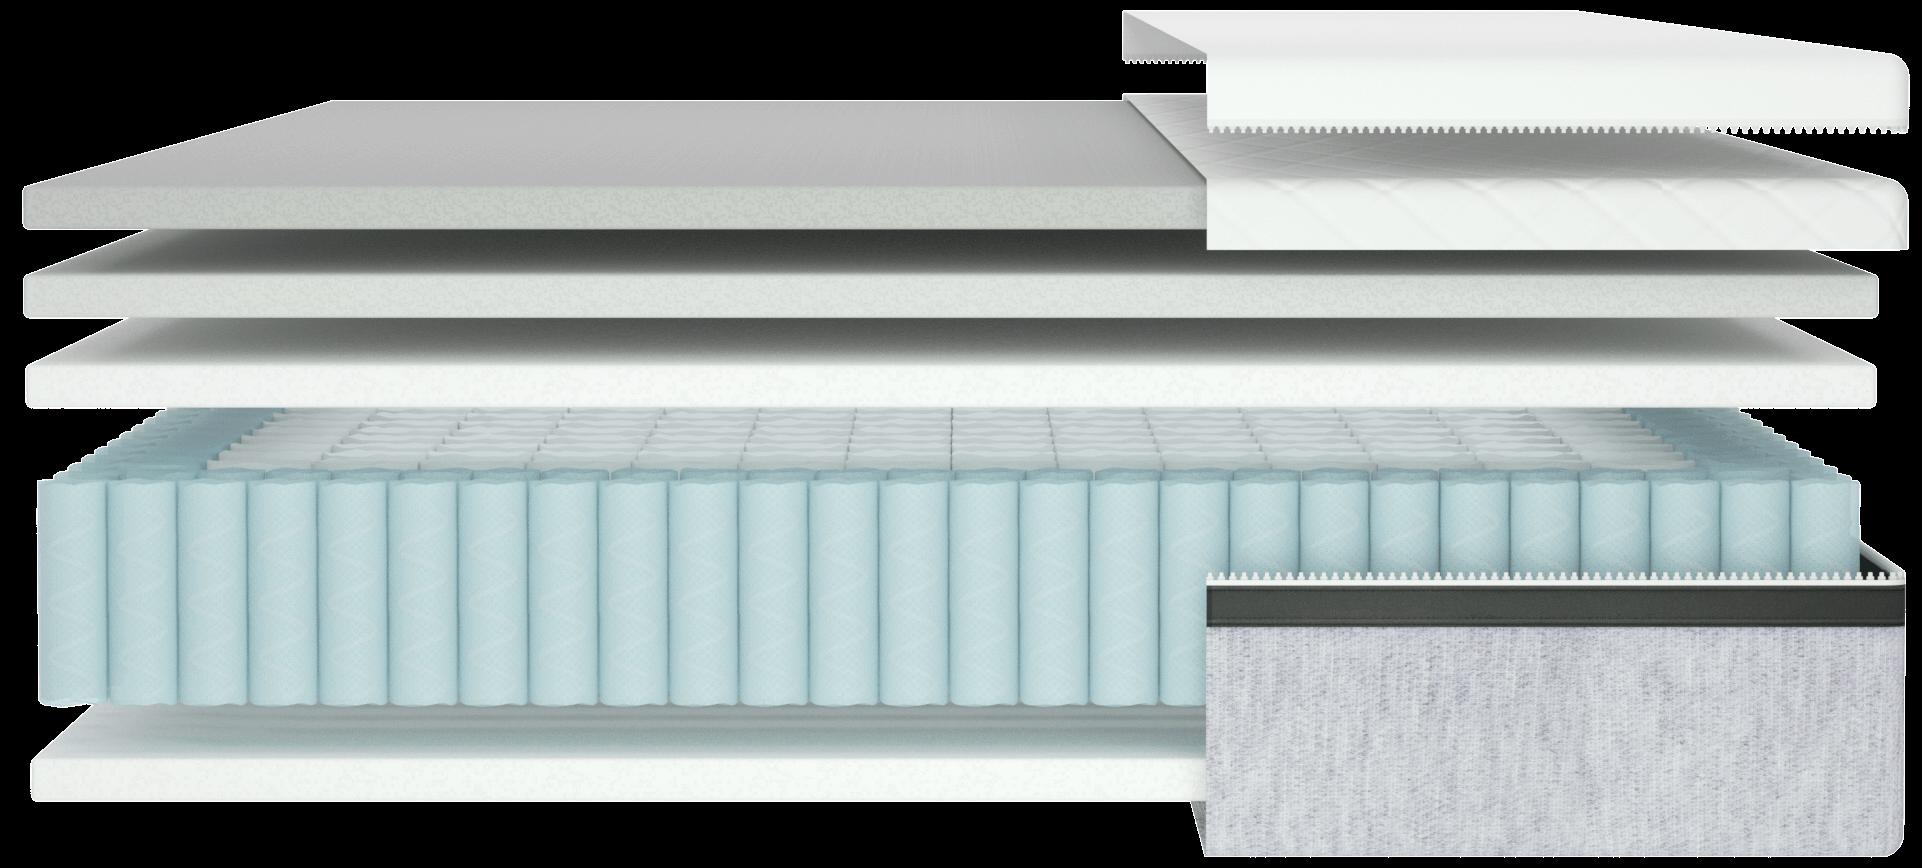 A look inside the Helix Nightfall mattress